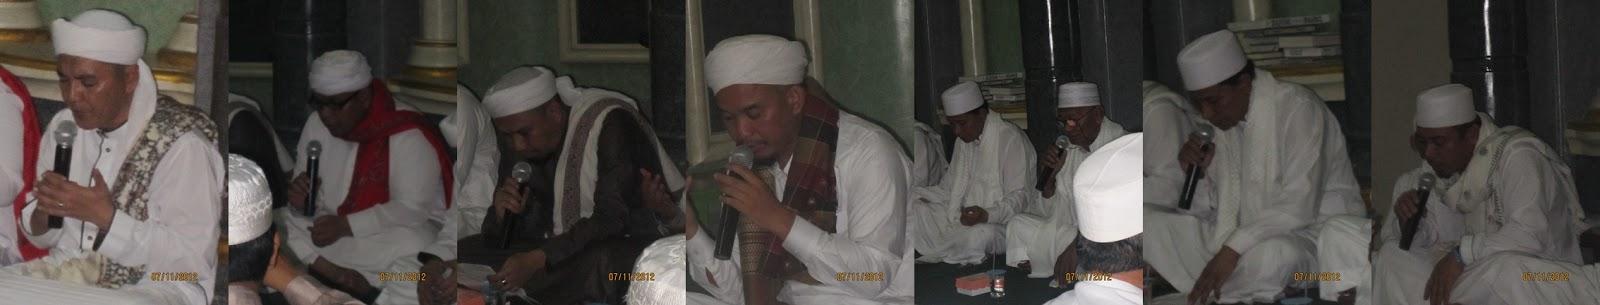 Kedatangan Jamaah Haji Kampungdalem,Tulungagung